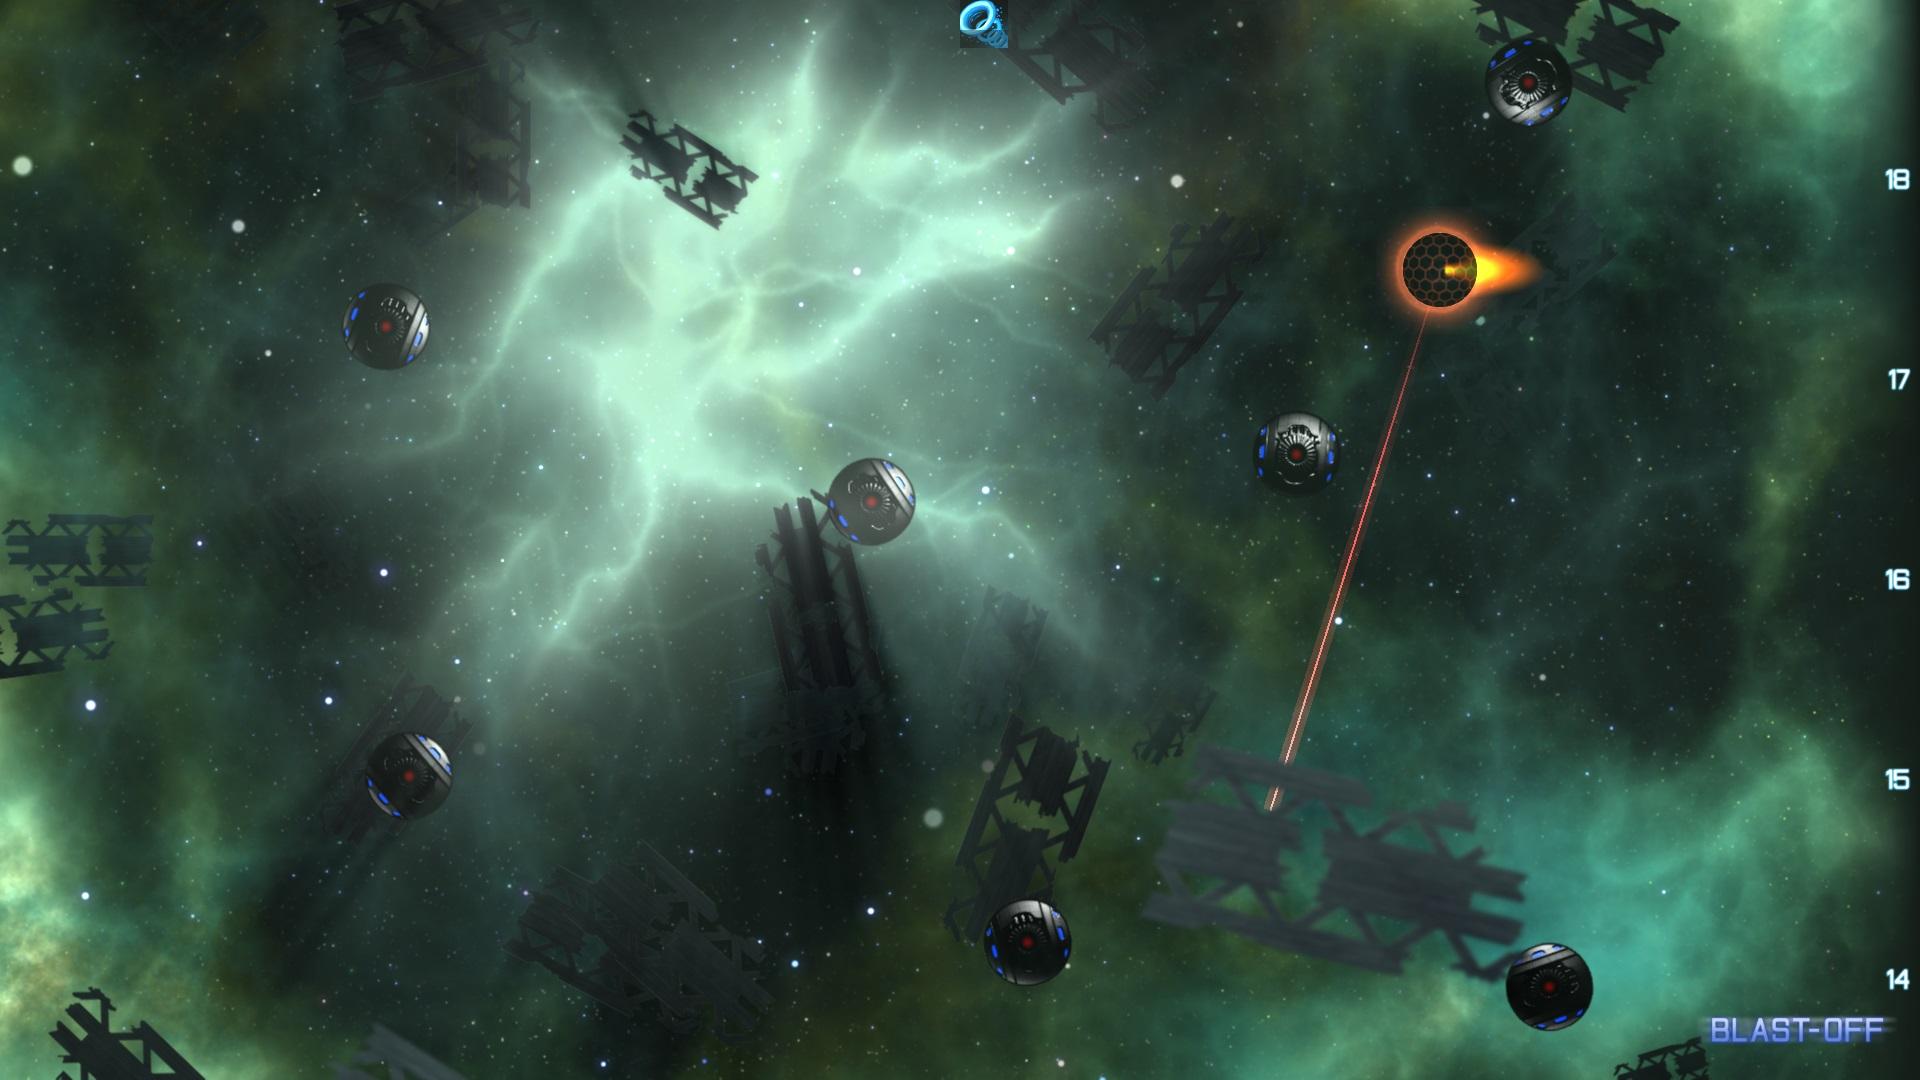 com.steam.391140-screenshot